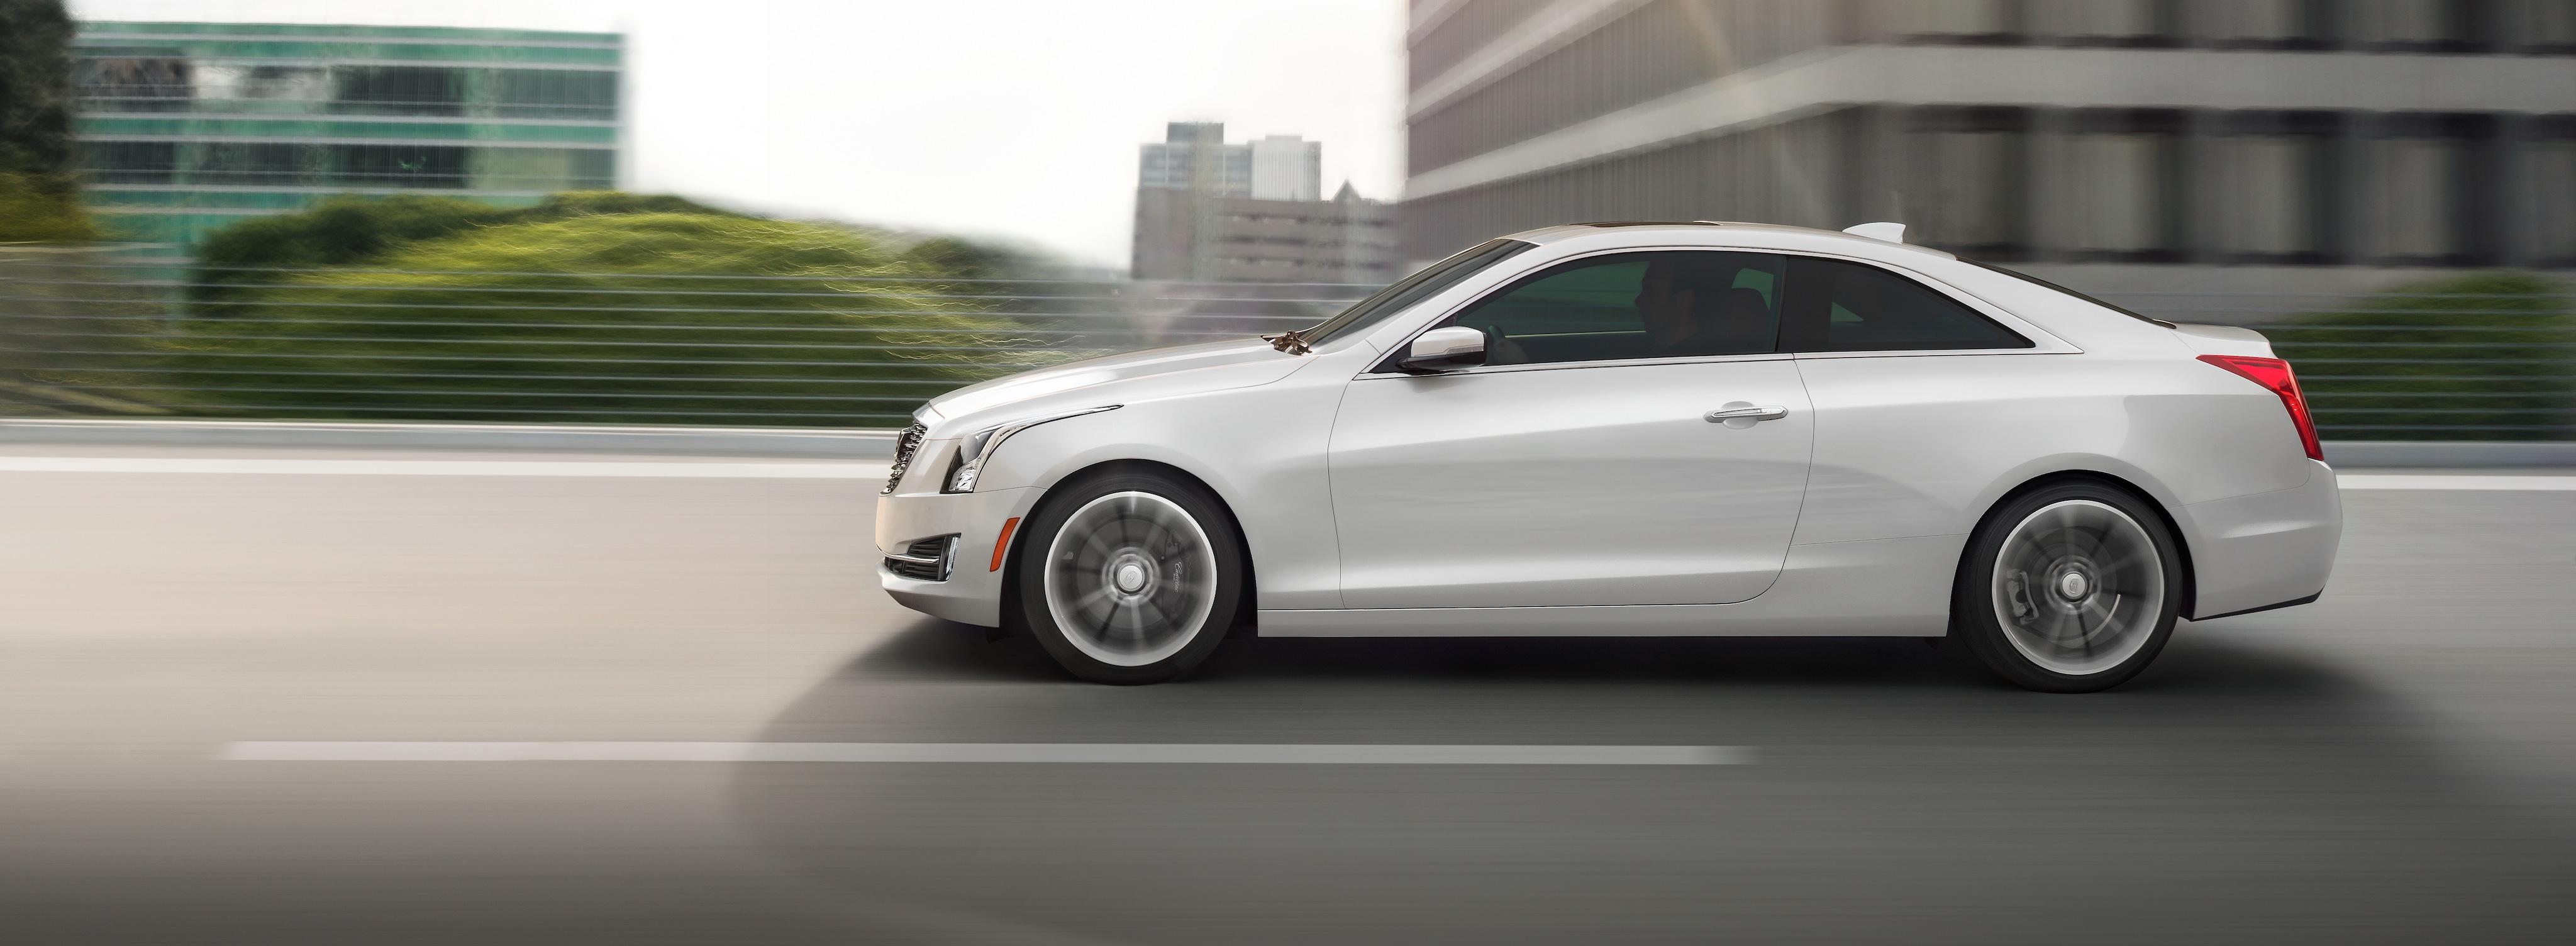 Used Cars Birmingham Al >> New 2020 Cadillac Ct6 4dr Sdn 3 6l Luxury